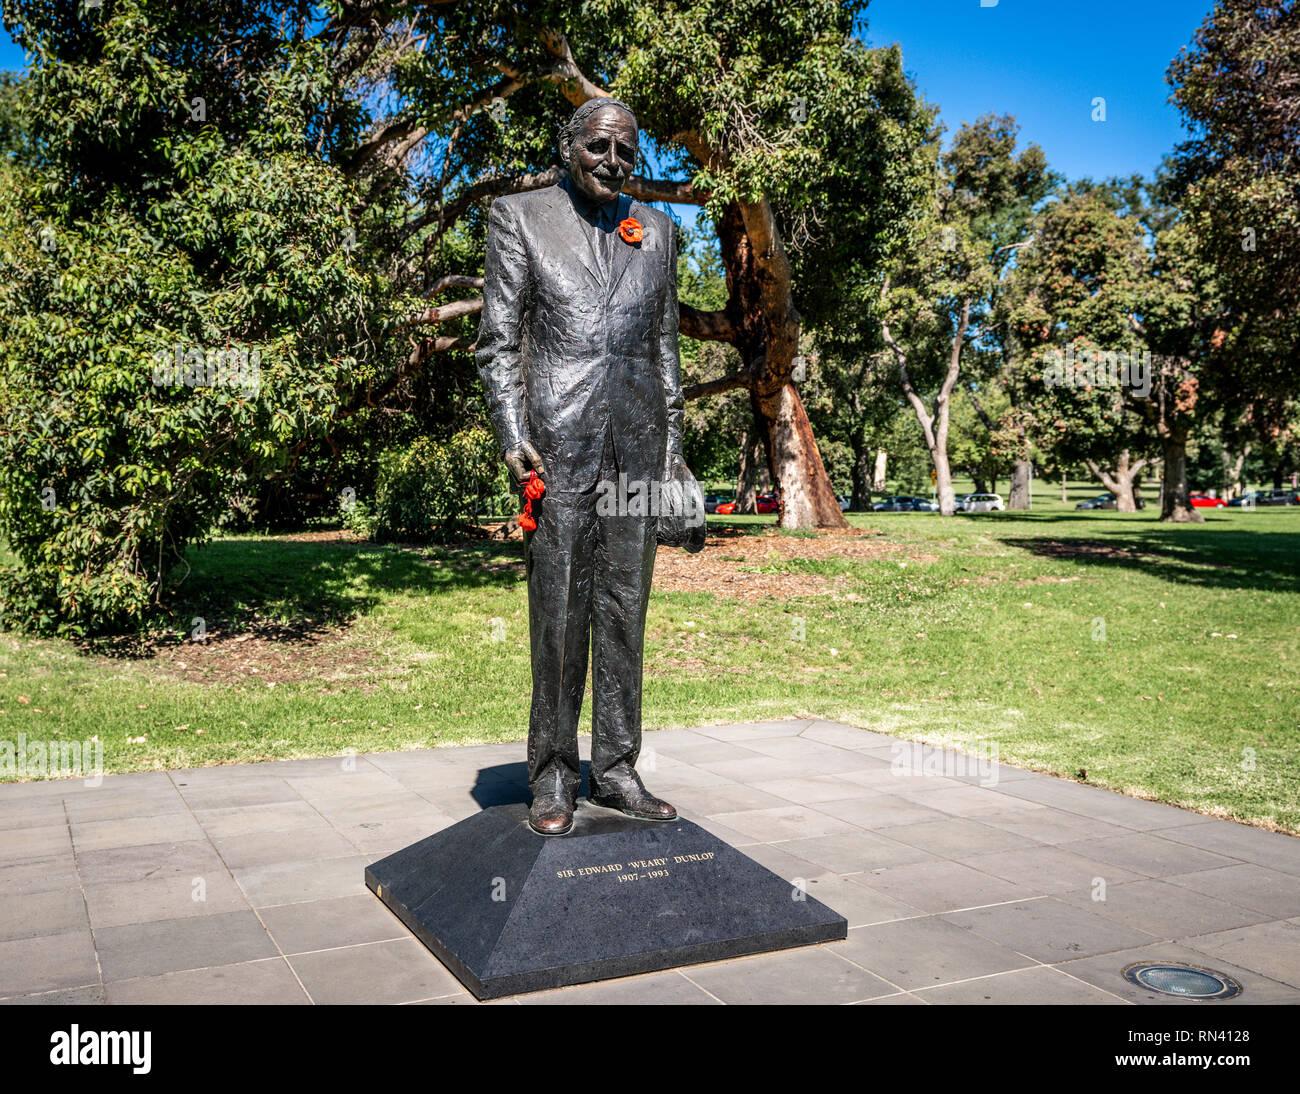 Statue de Sir Edward Dunlop fatigués dans le domaine Kings Park à Melbourne Australie Victoria Photo Stock